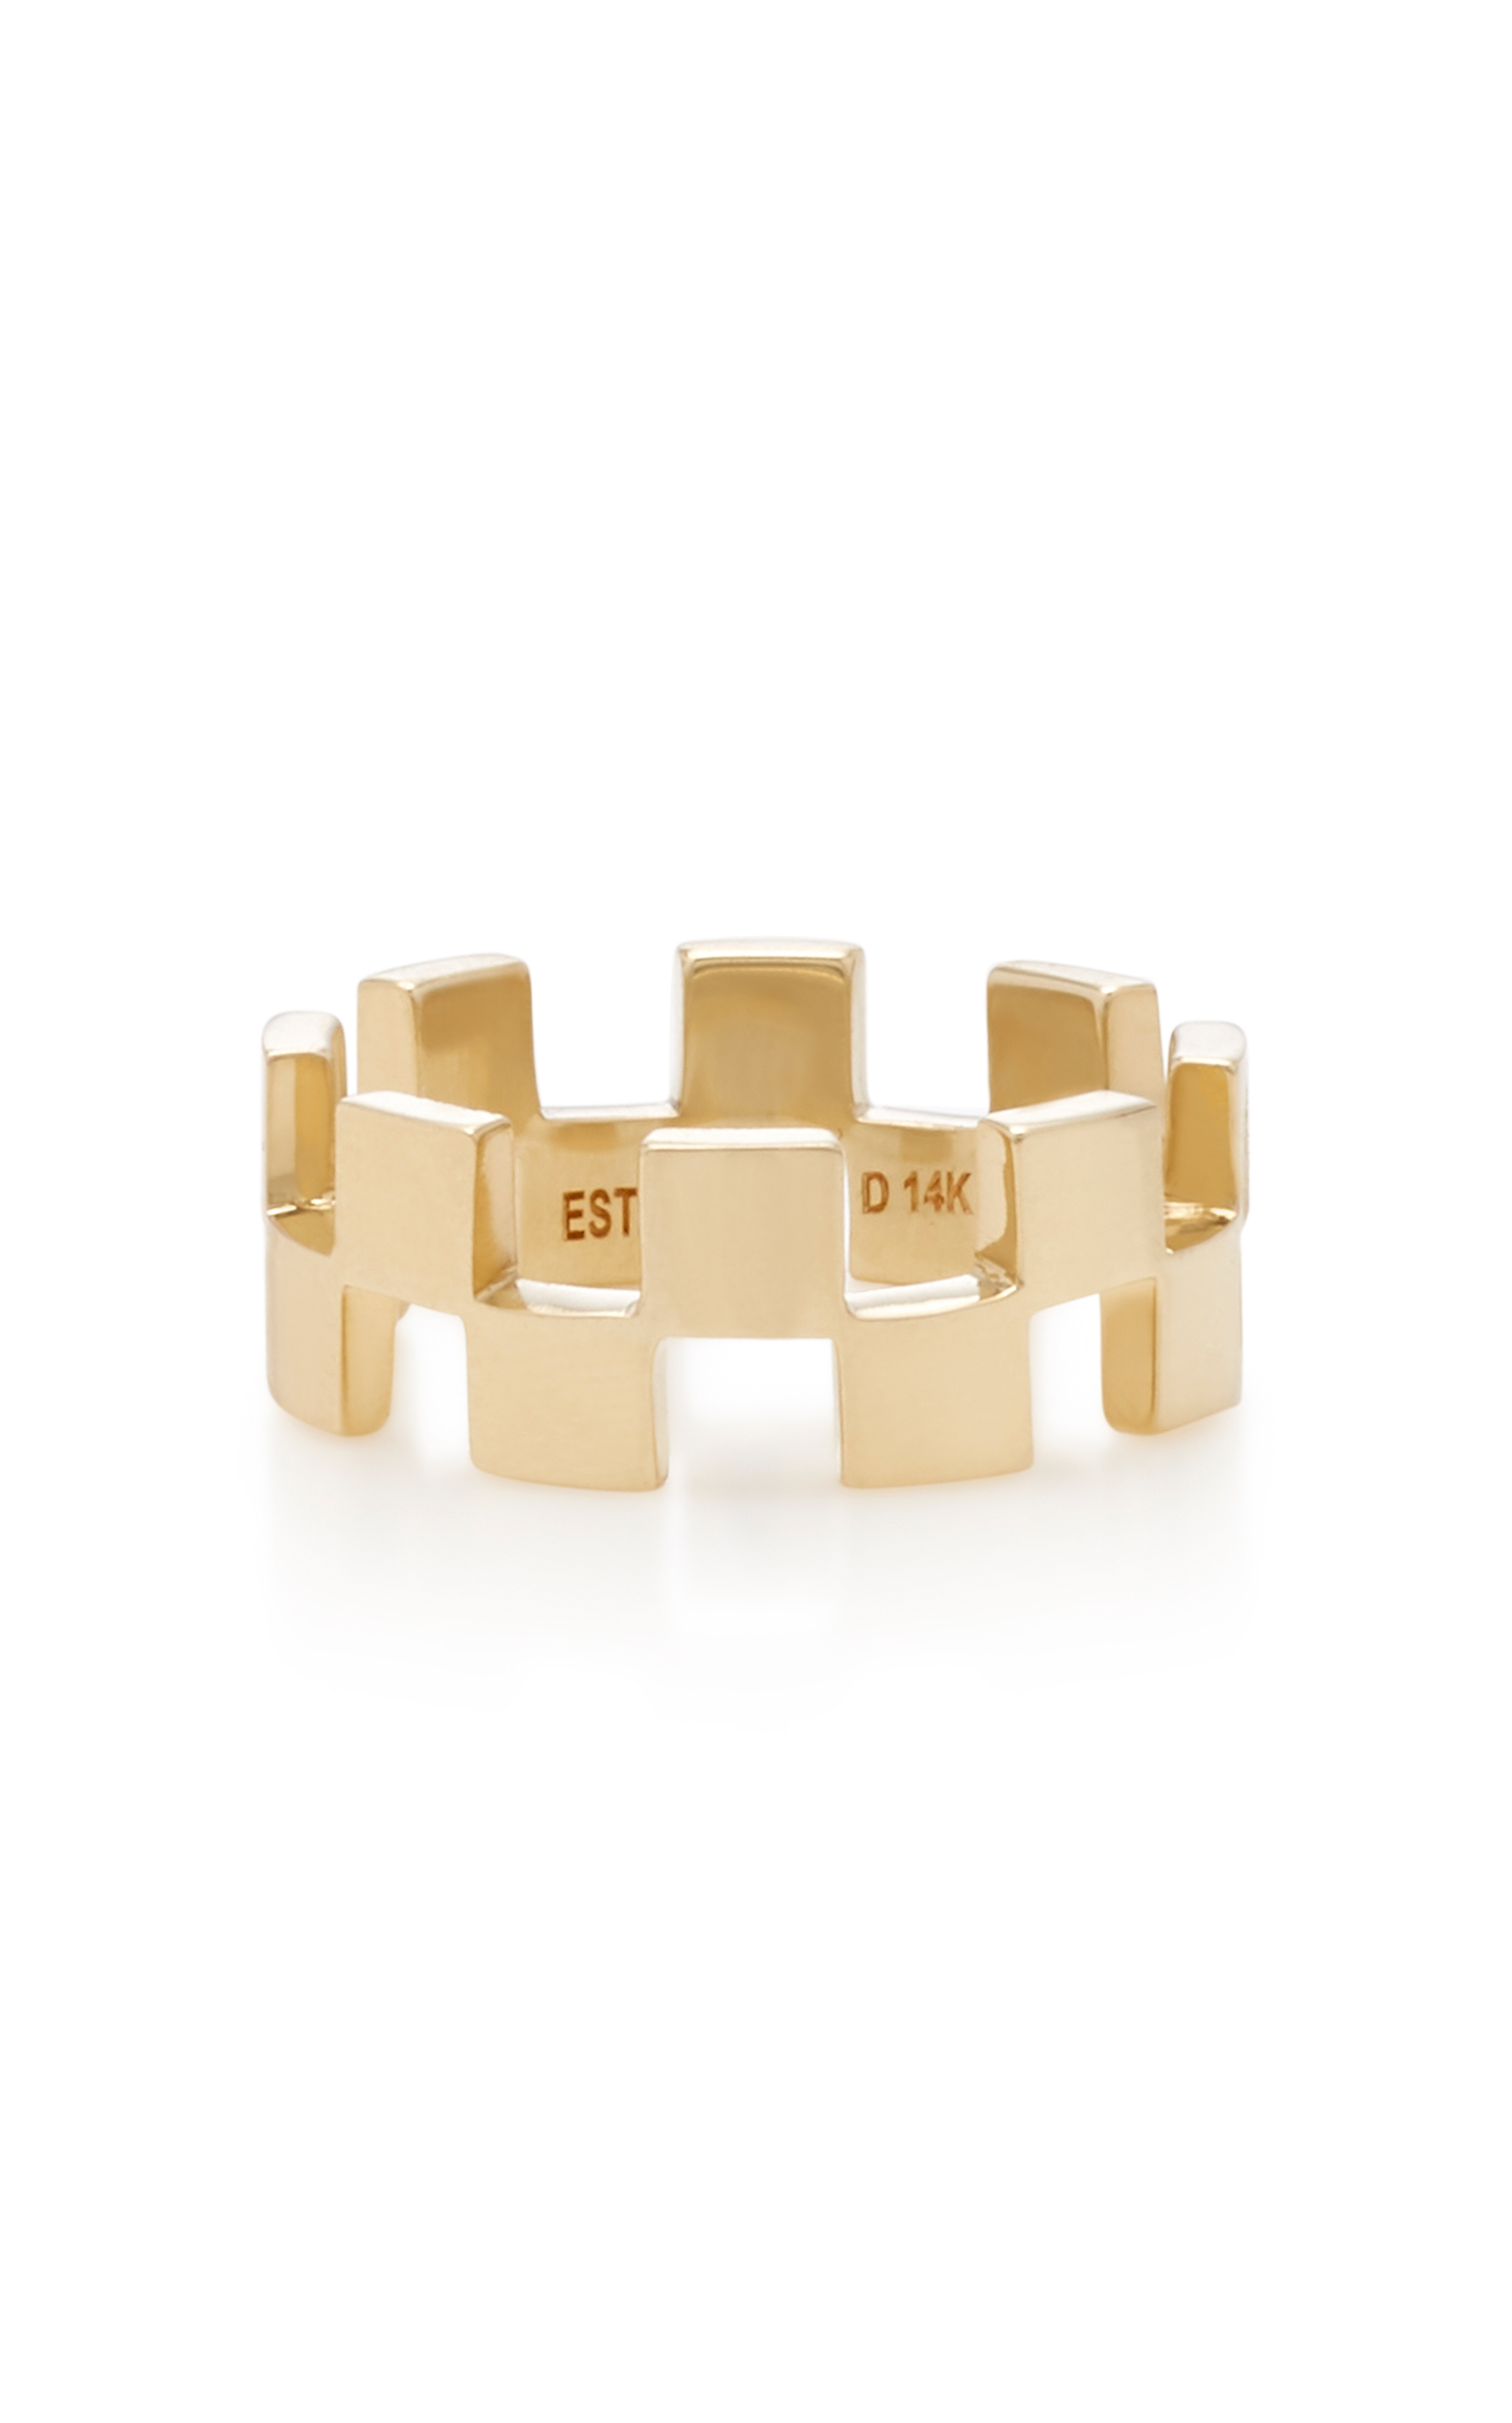 ESTABLISHED 18K GOLD CHECKER BAND RING